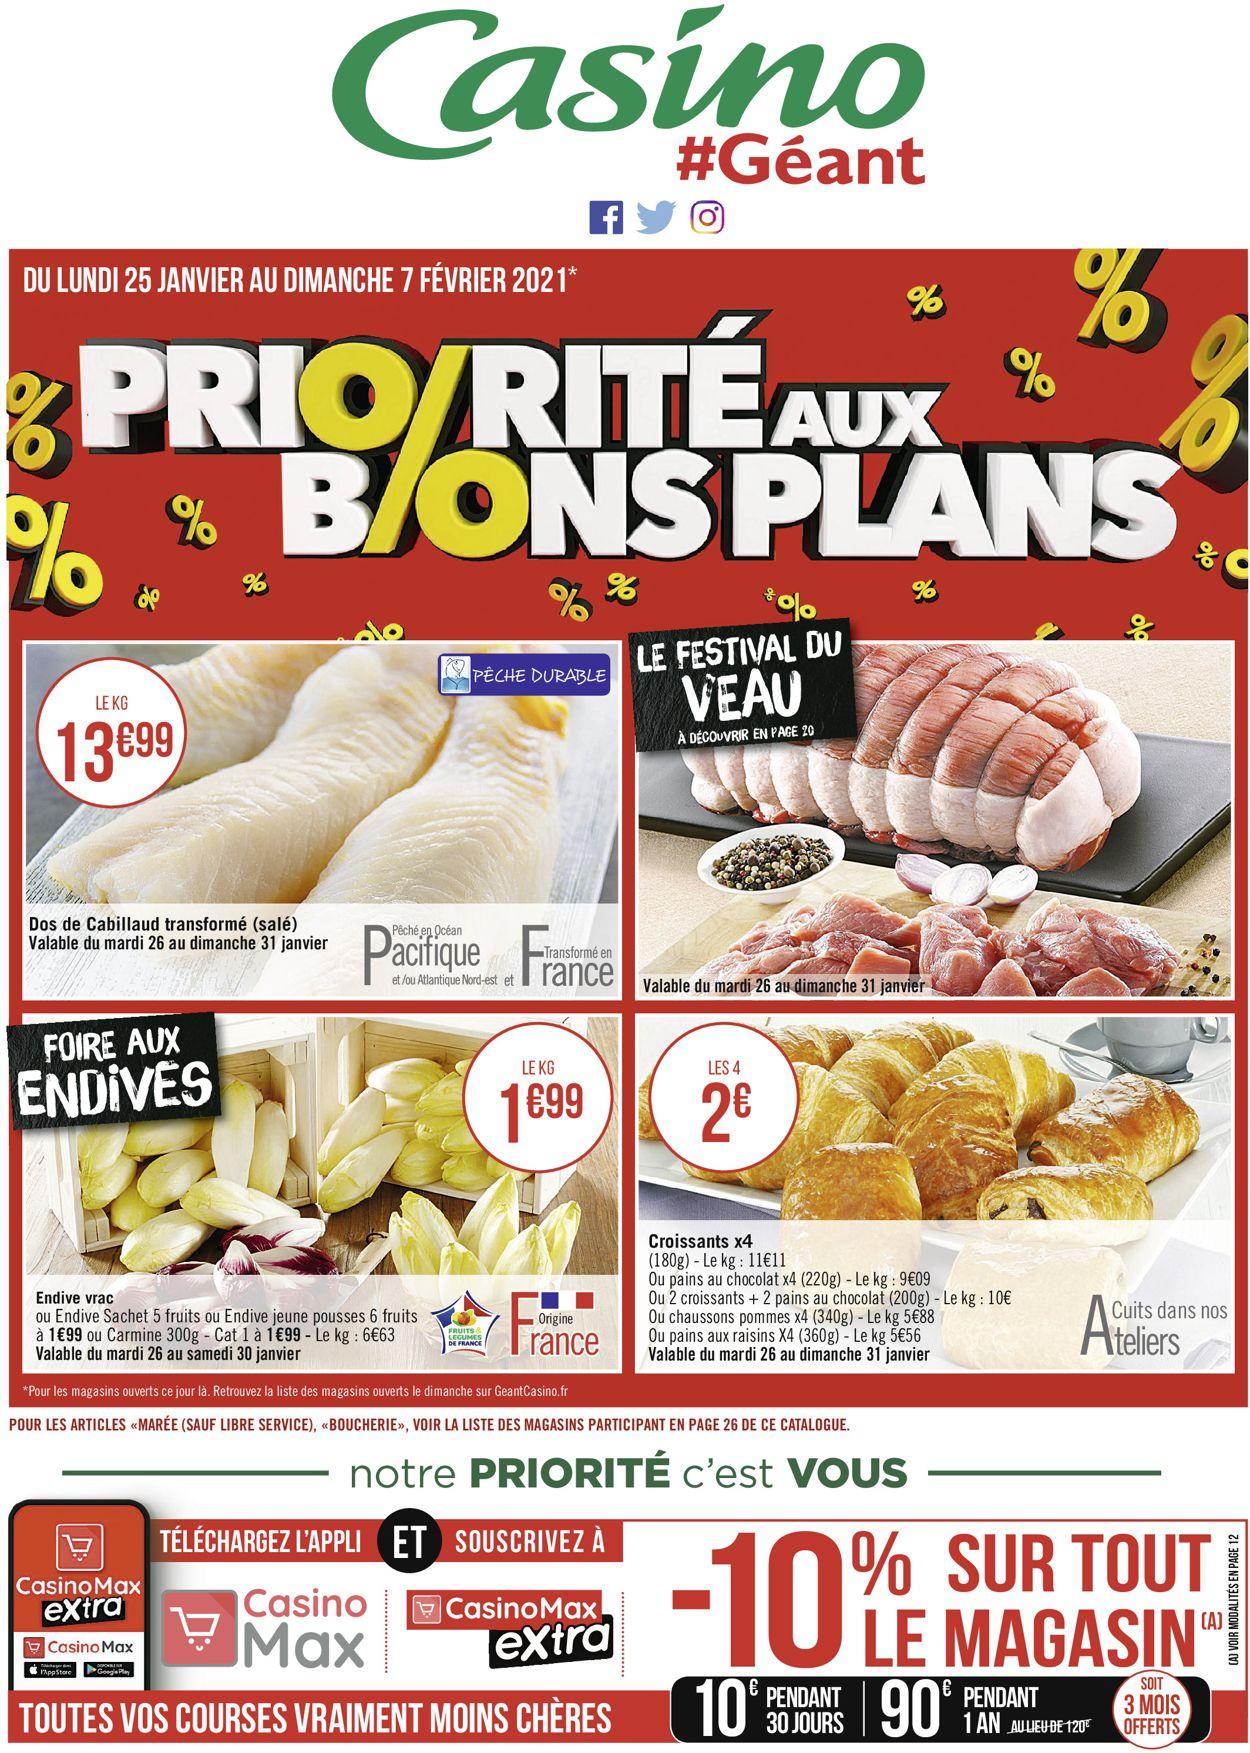 Géant Casino Priorité Aux Promos 2021 Catalogue - 25.01-07.02.2021 (Page 28)